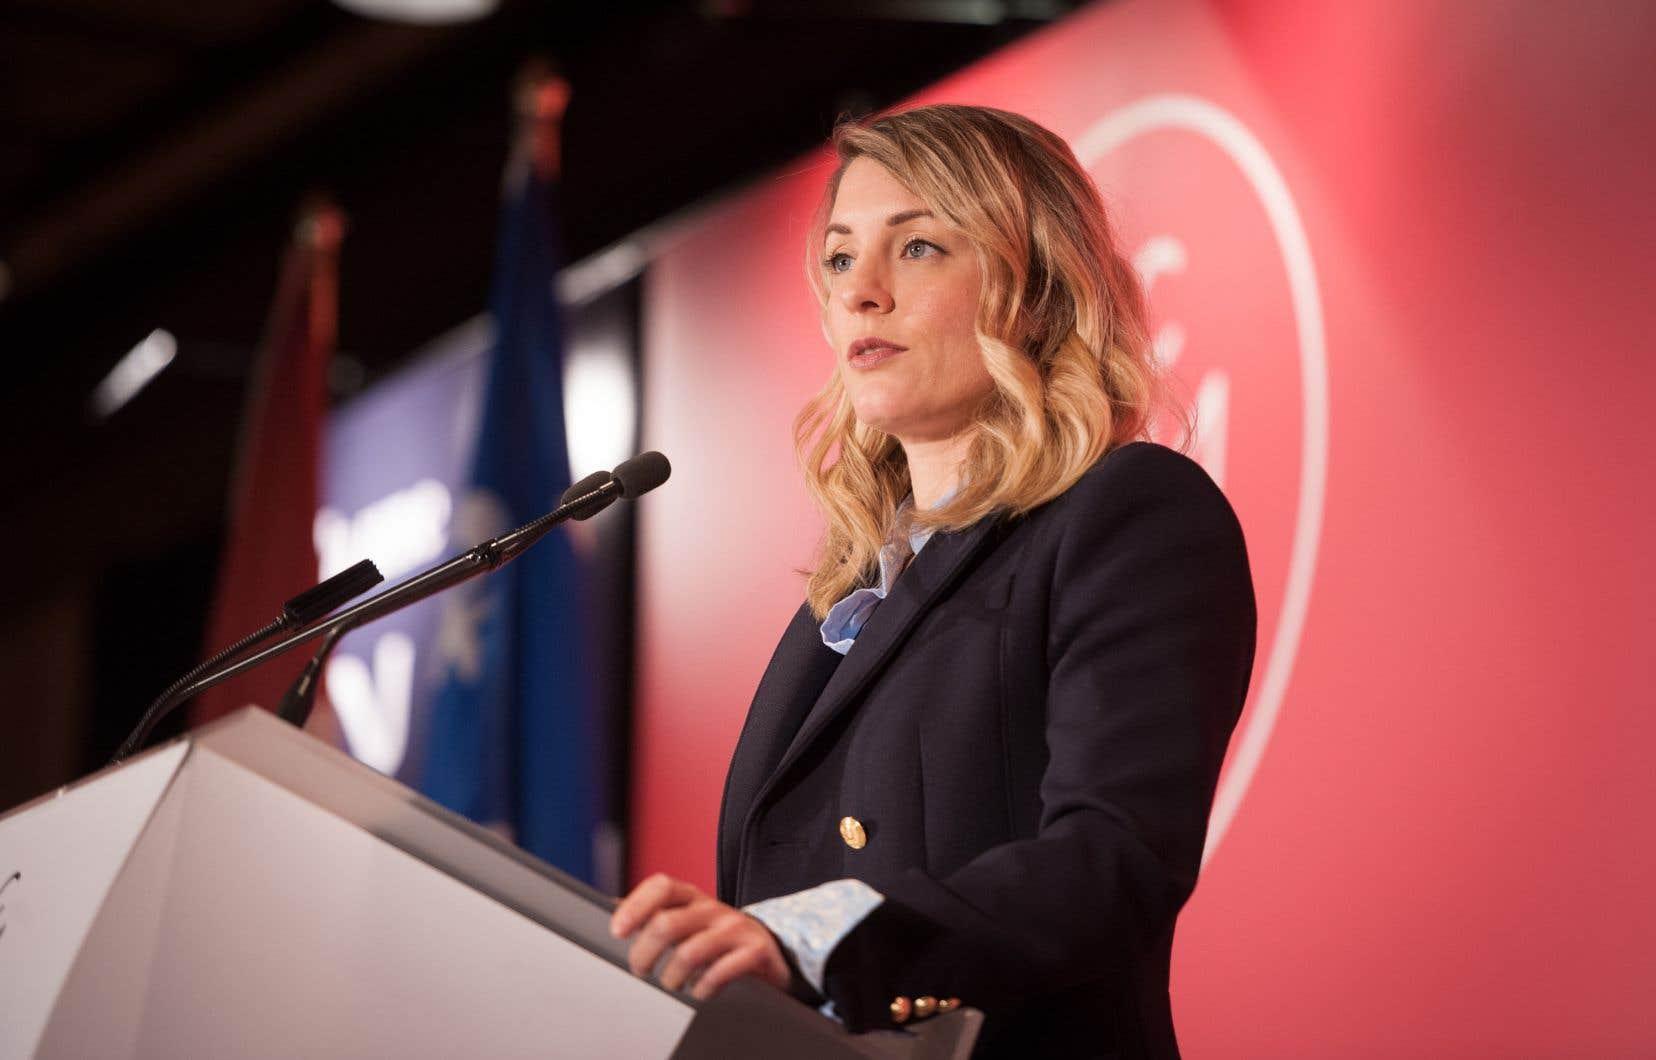 La ministre fédérale Mélanie Joly en 2017. Le Canada s'était engagé, en octobre dernier, à appuyer la création d'une plateforme francophone qui réunirait les diffuseurs publics de TV5MONDE et ainsi renforcer la place du français dans le monde numérique.